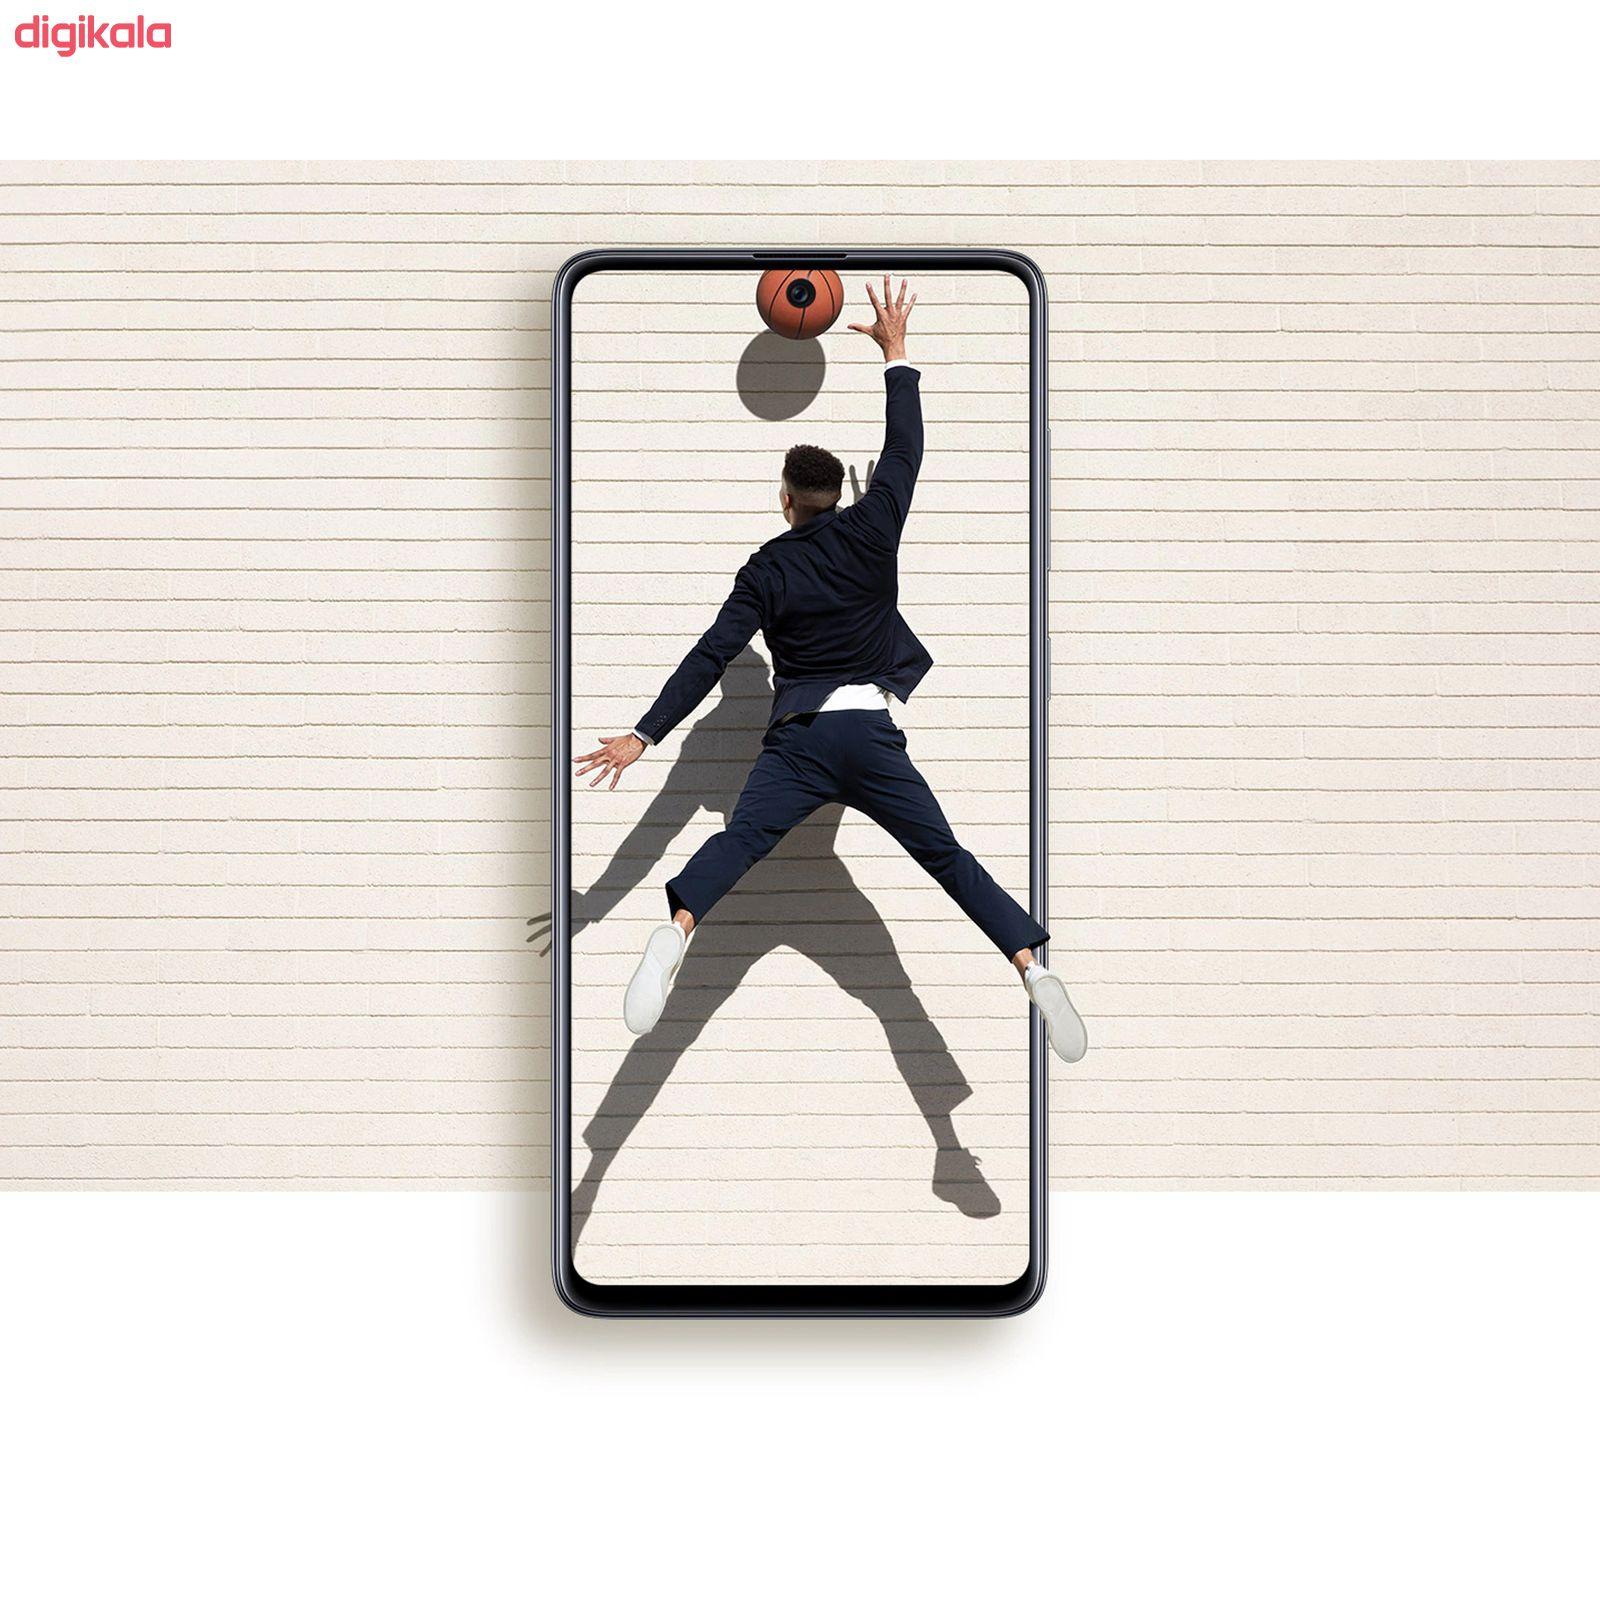 گوشی موبایل سامسونگ مدل Galaxy A71 SM-A715F/DS دو سیمکارت ظرفیت 128 گیگابایت همراه با رم 8 گیگابایت main 1 11